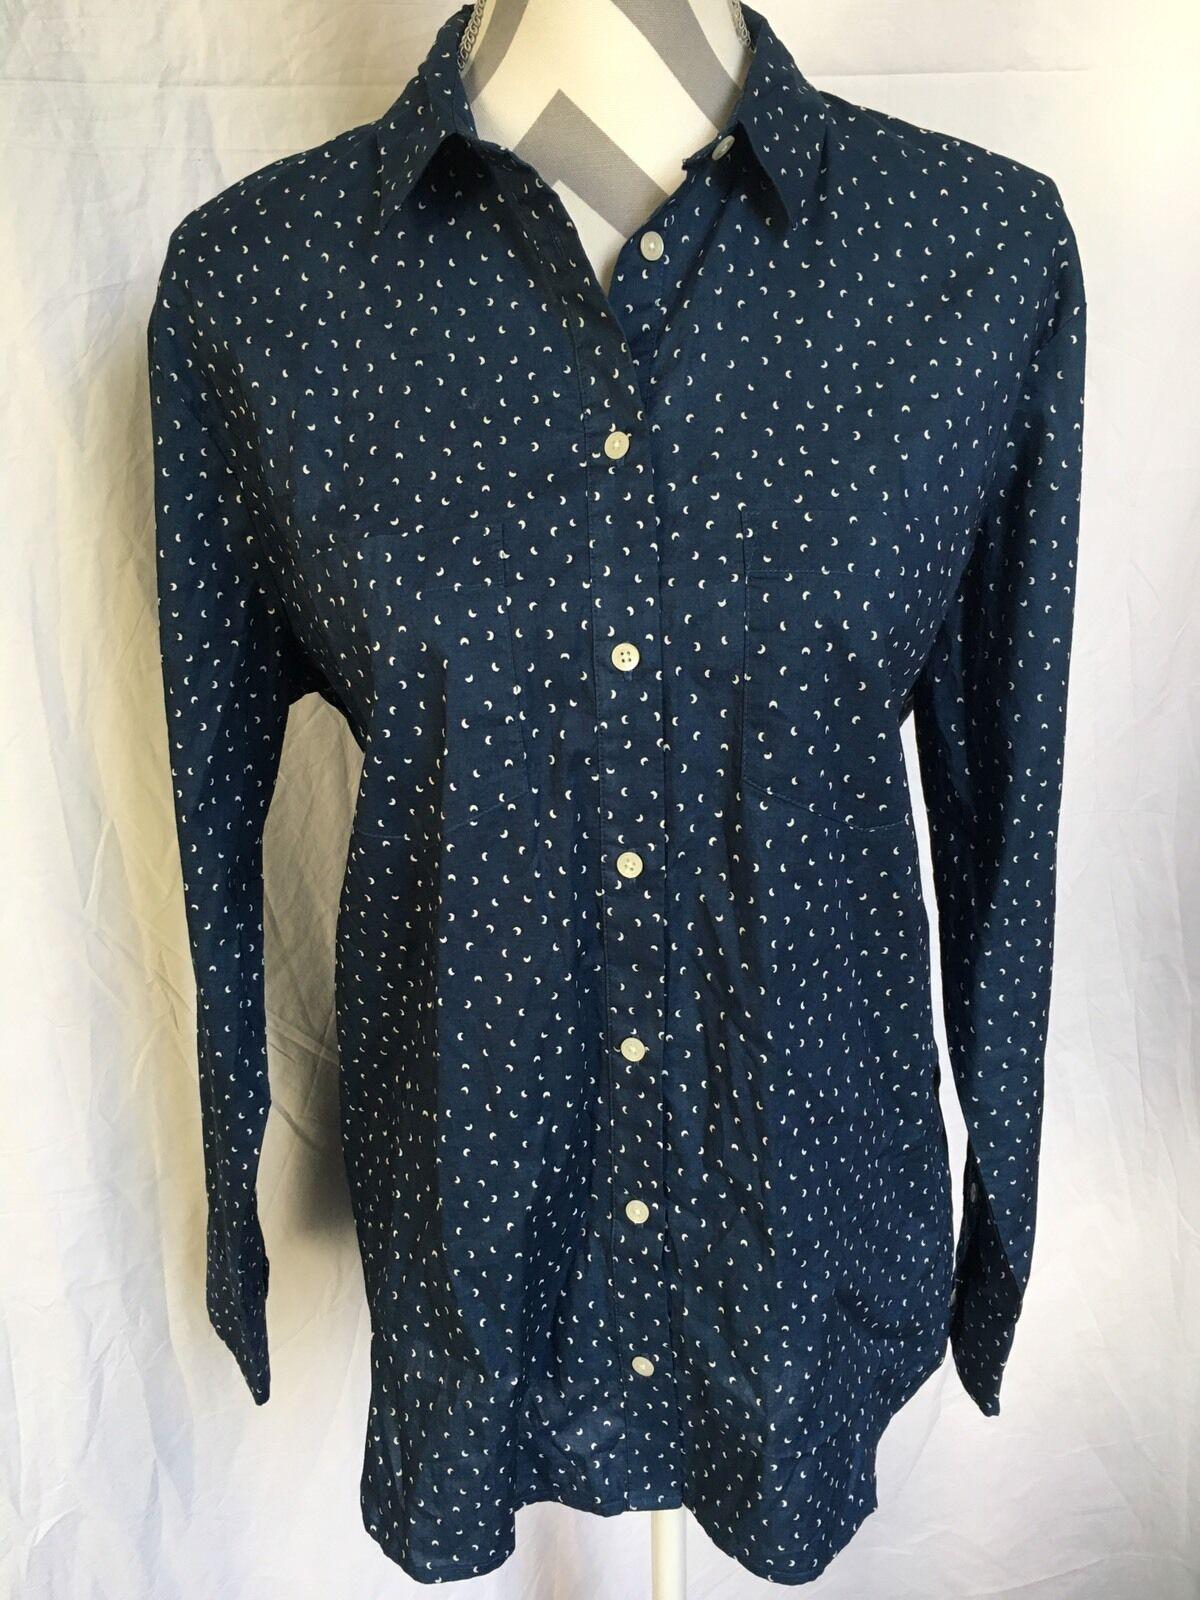 Madewell shrunken ex-boyfriend shirt in crescent moon Größe M